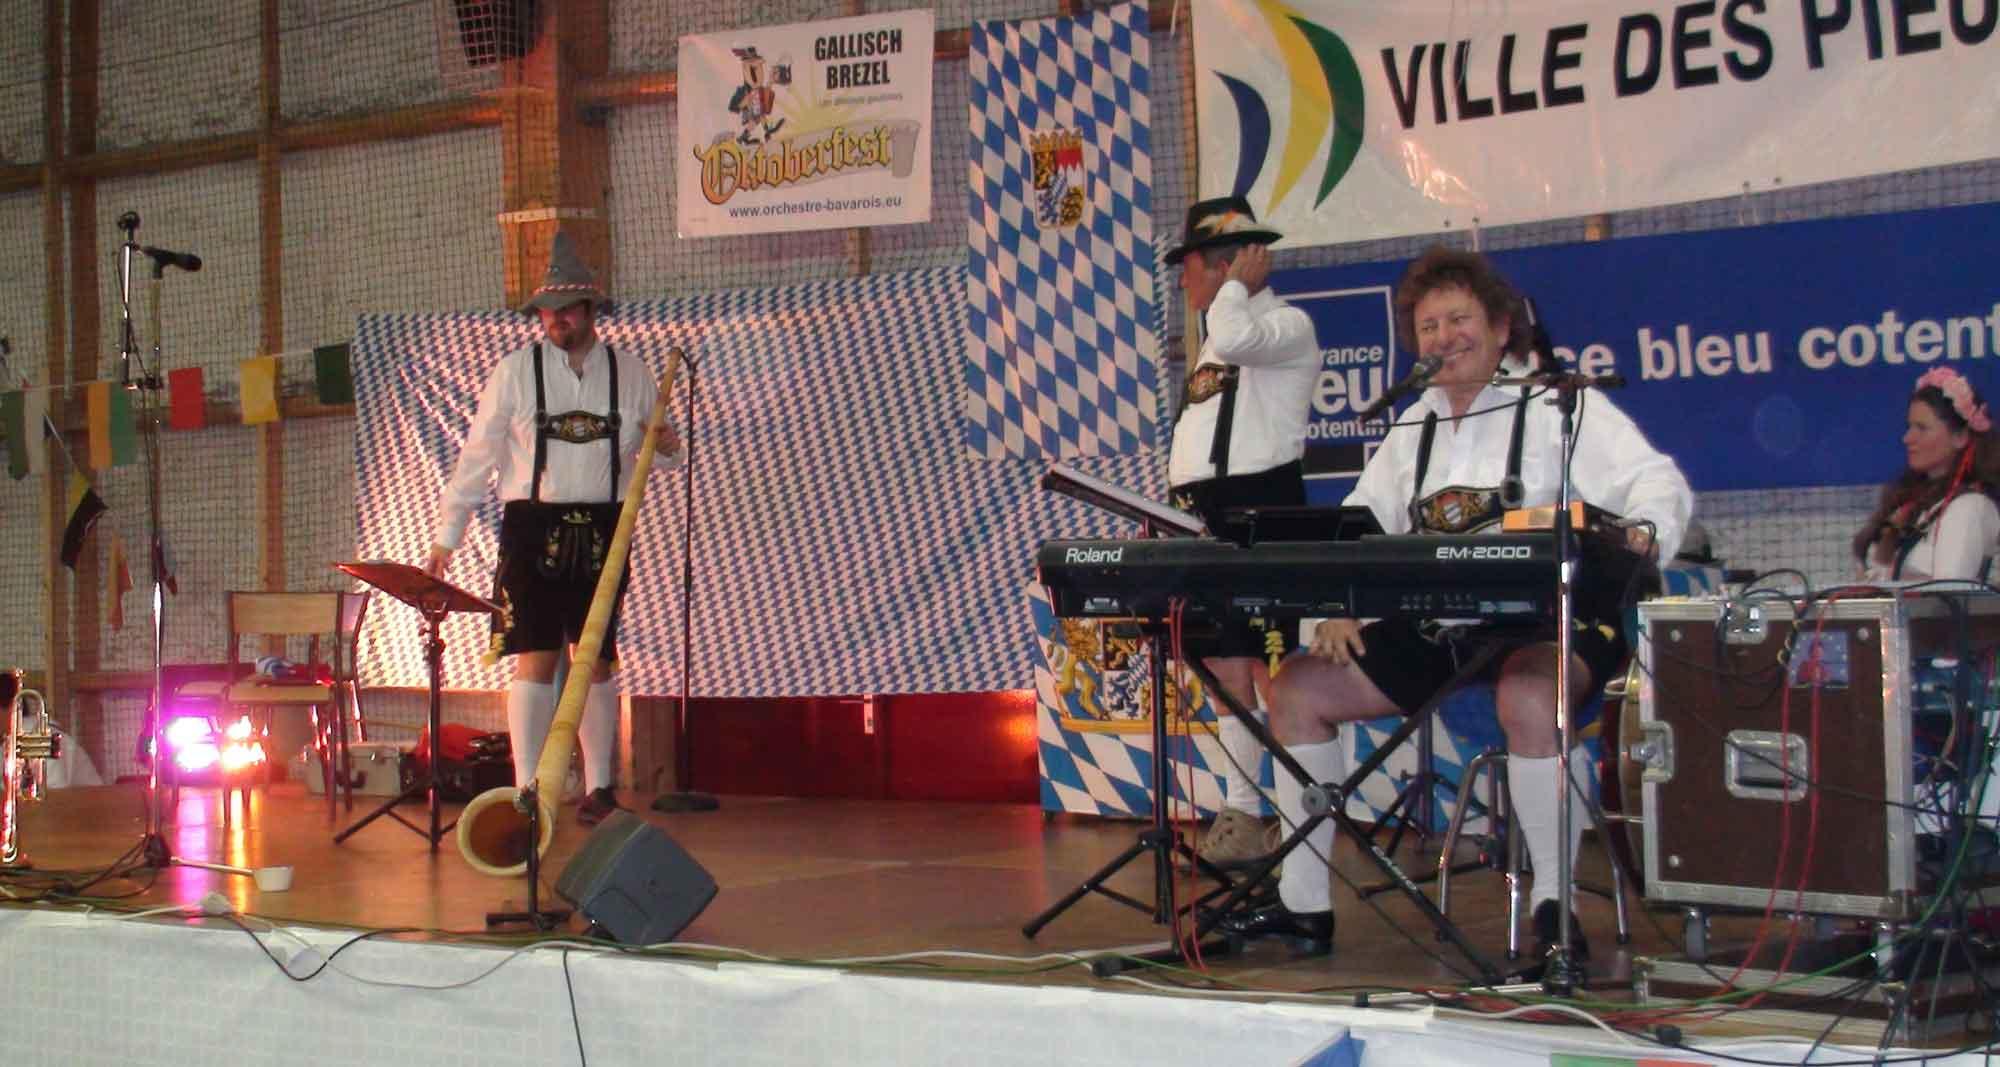 Les Pieux 50 (2009)-soirée bavaroise 13